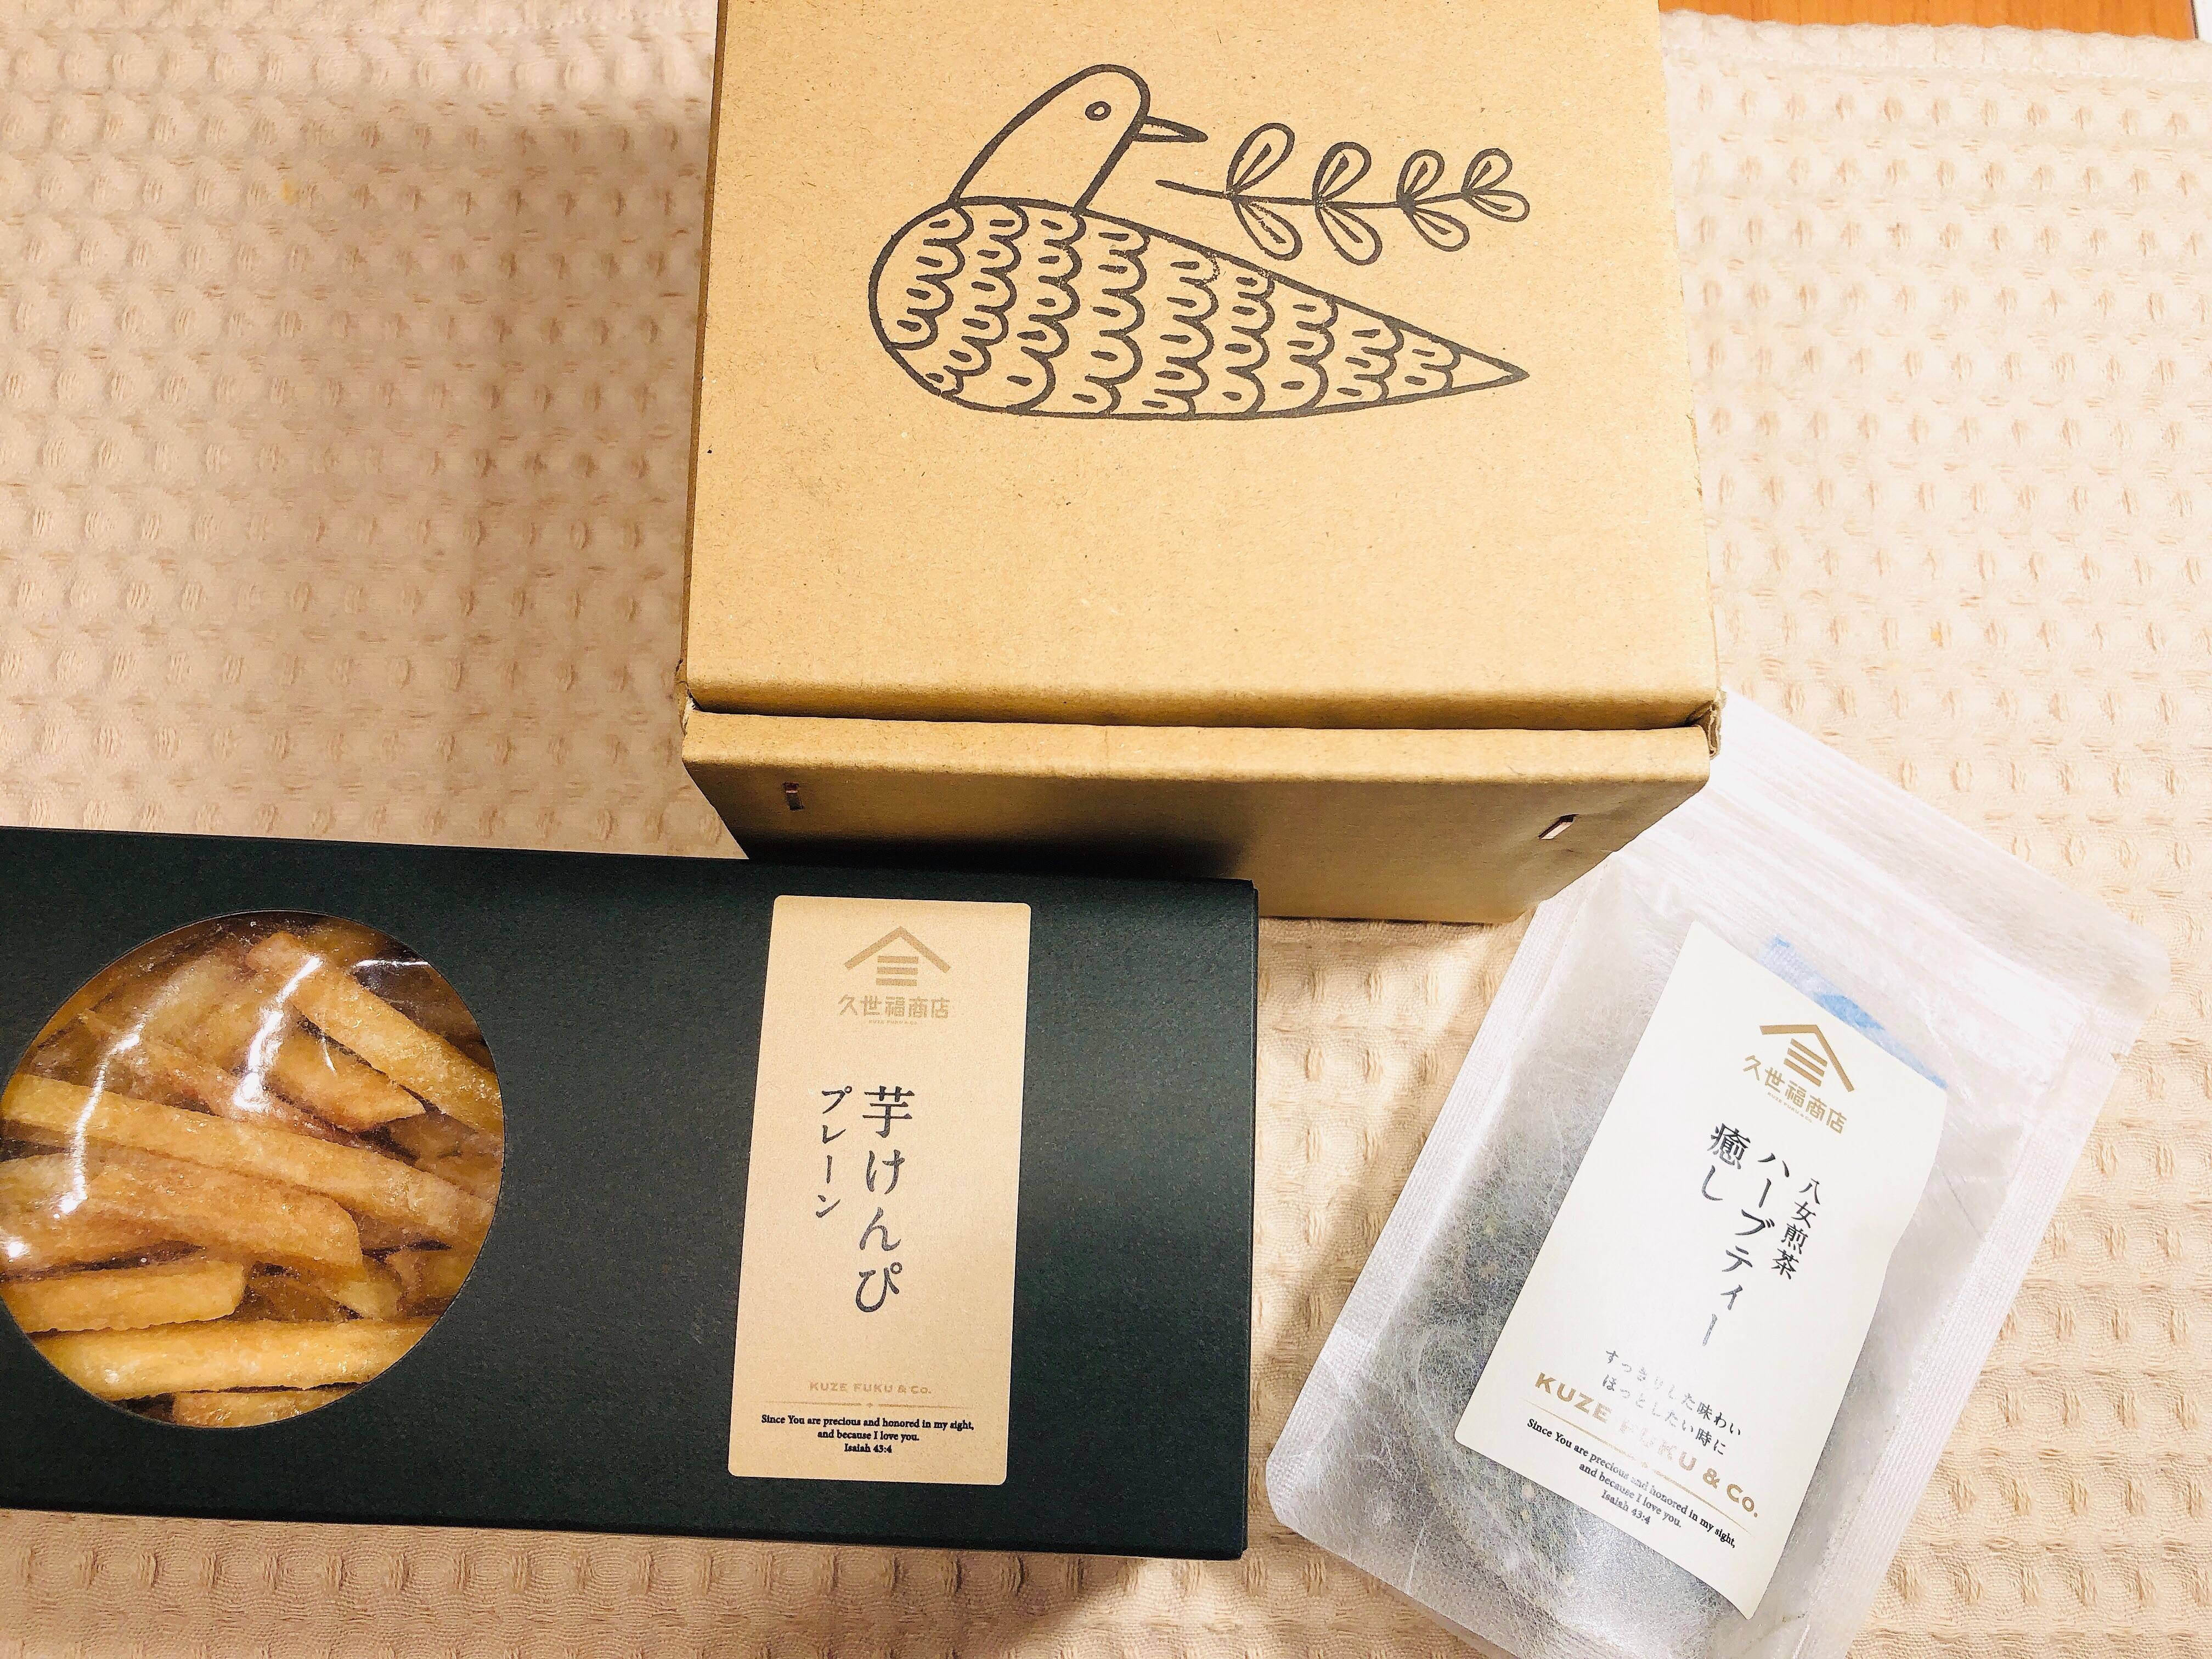 f:id:allergy_nagasakikko:20190718101449j:image